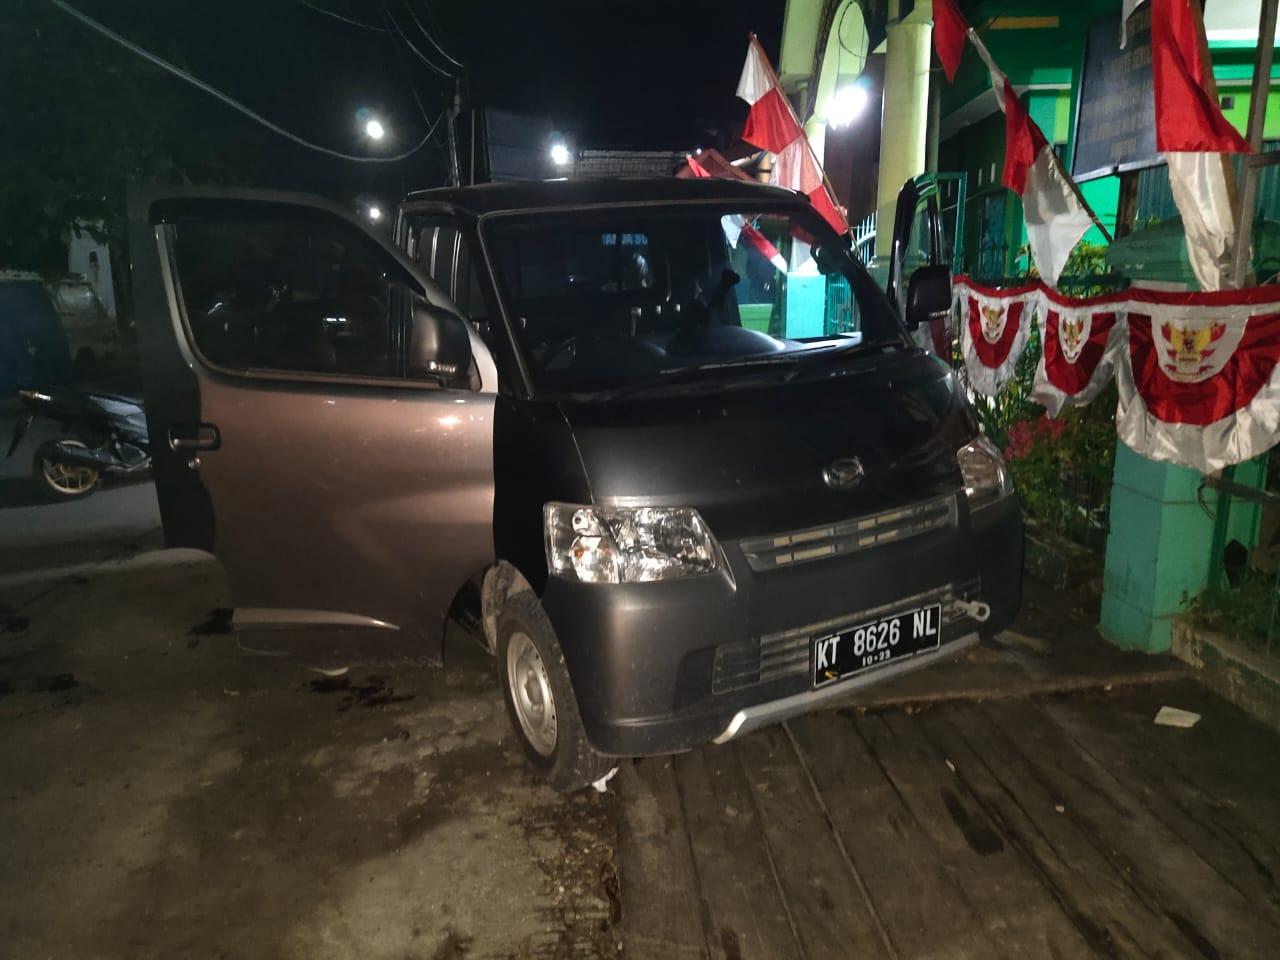 Personel Polsek Samarinda Kota Berhasil Ungkap Kasus Pencurian Mobil